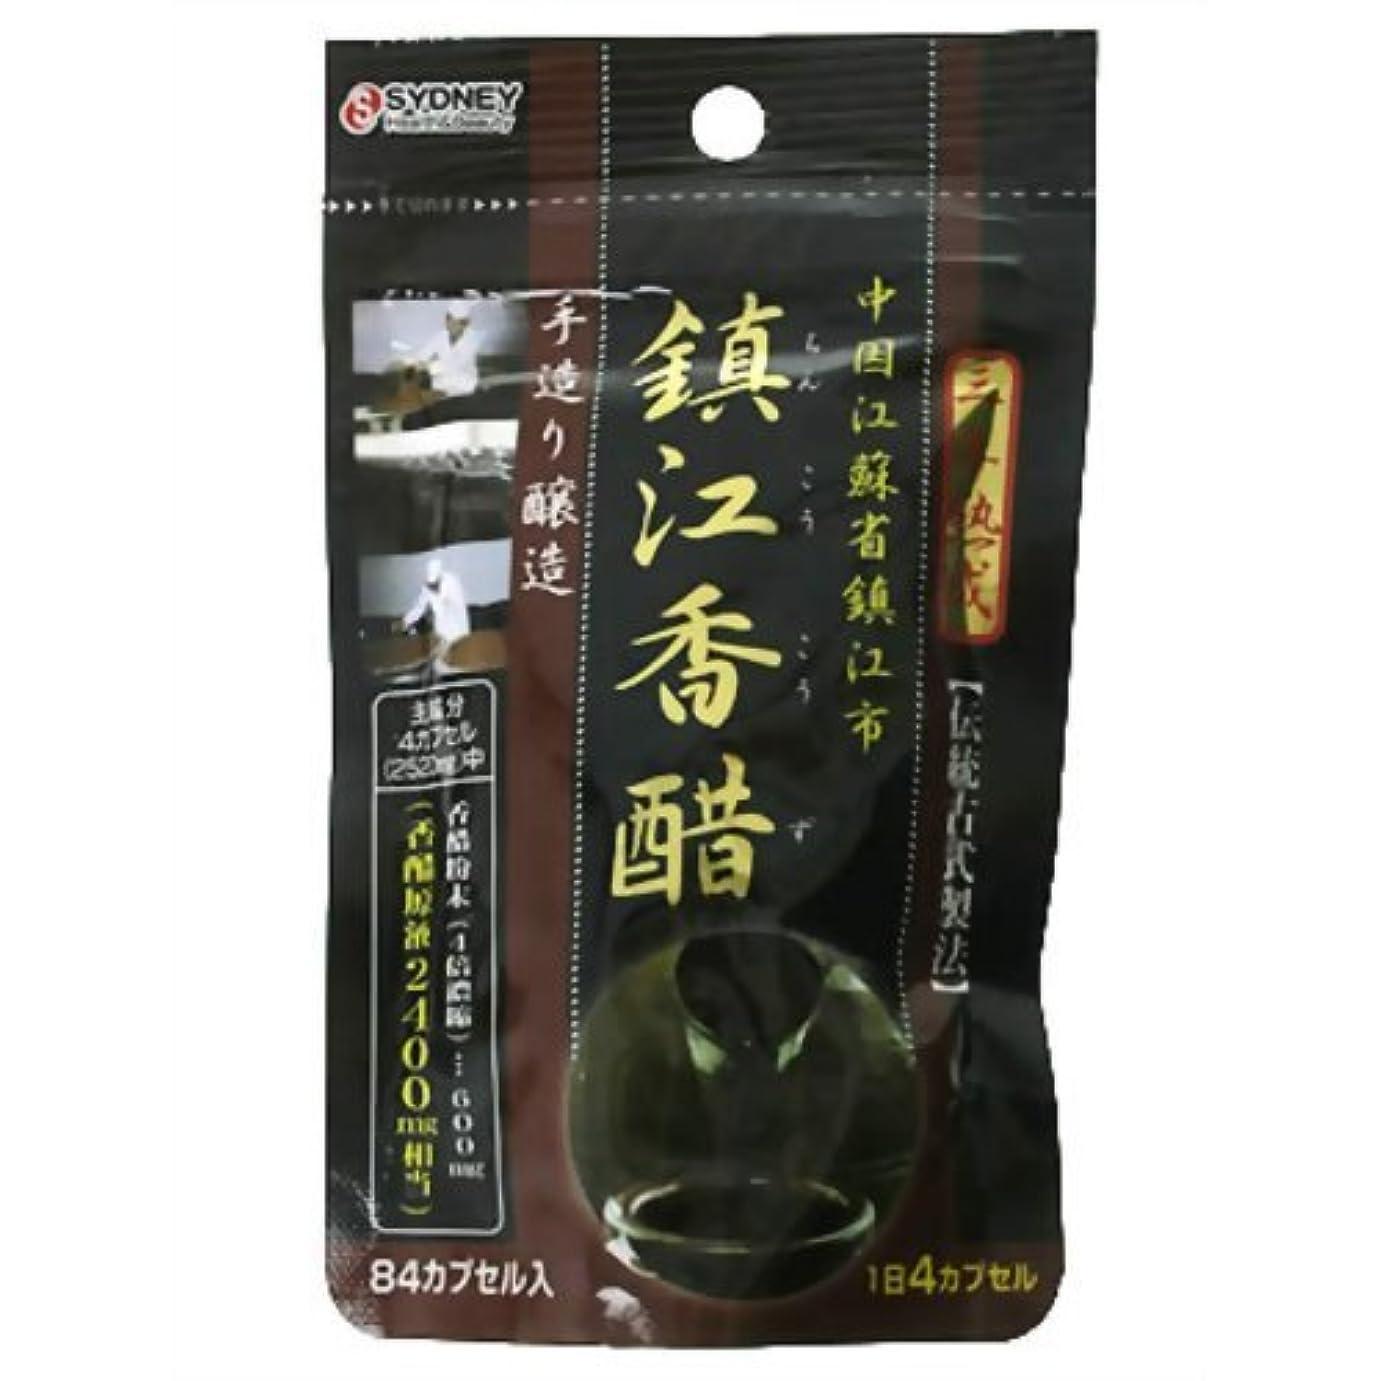 レーステナント自治的鎮江香酢(三年熟成?伝統古式製法) 84カプセル